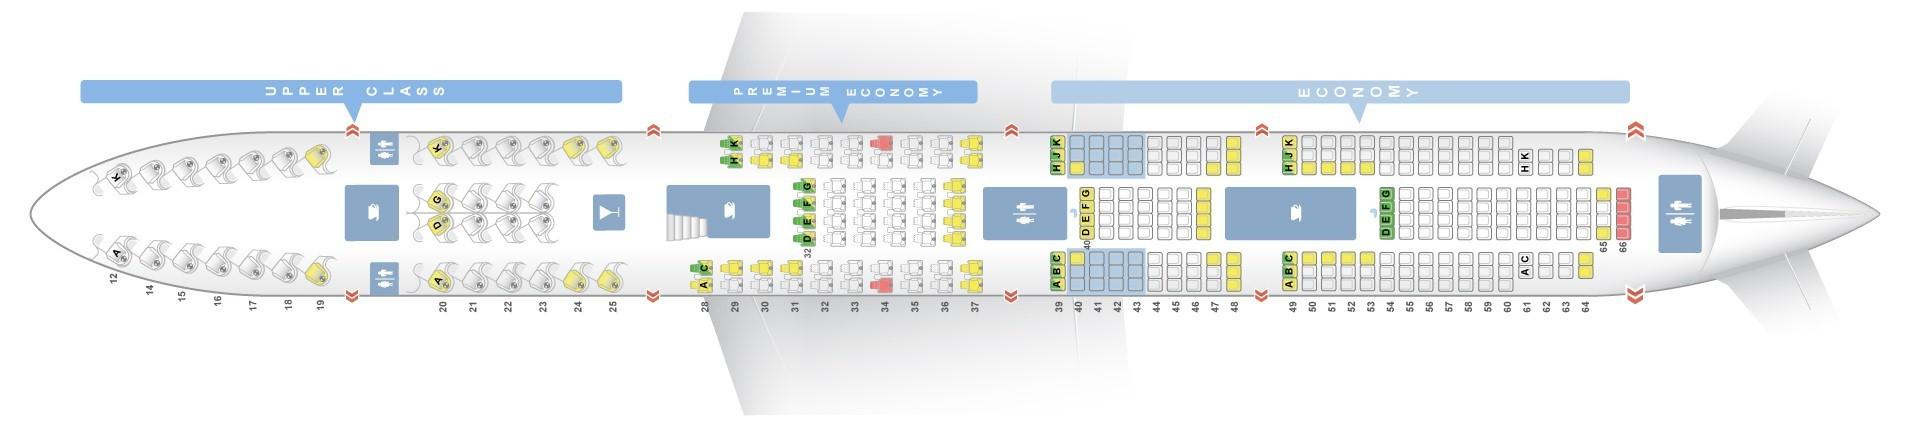 Virgin_Atlantic_Airways_Boeing_747-400_L